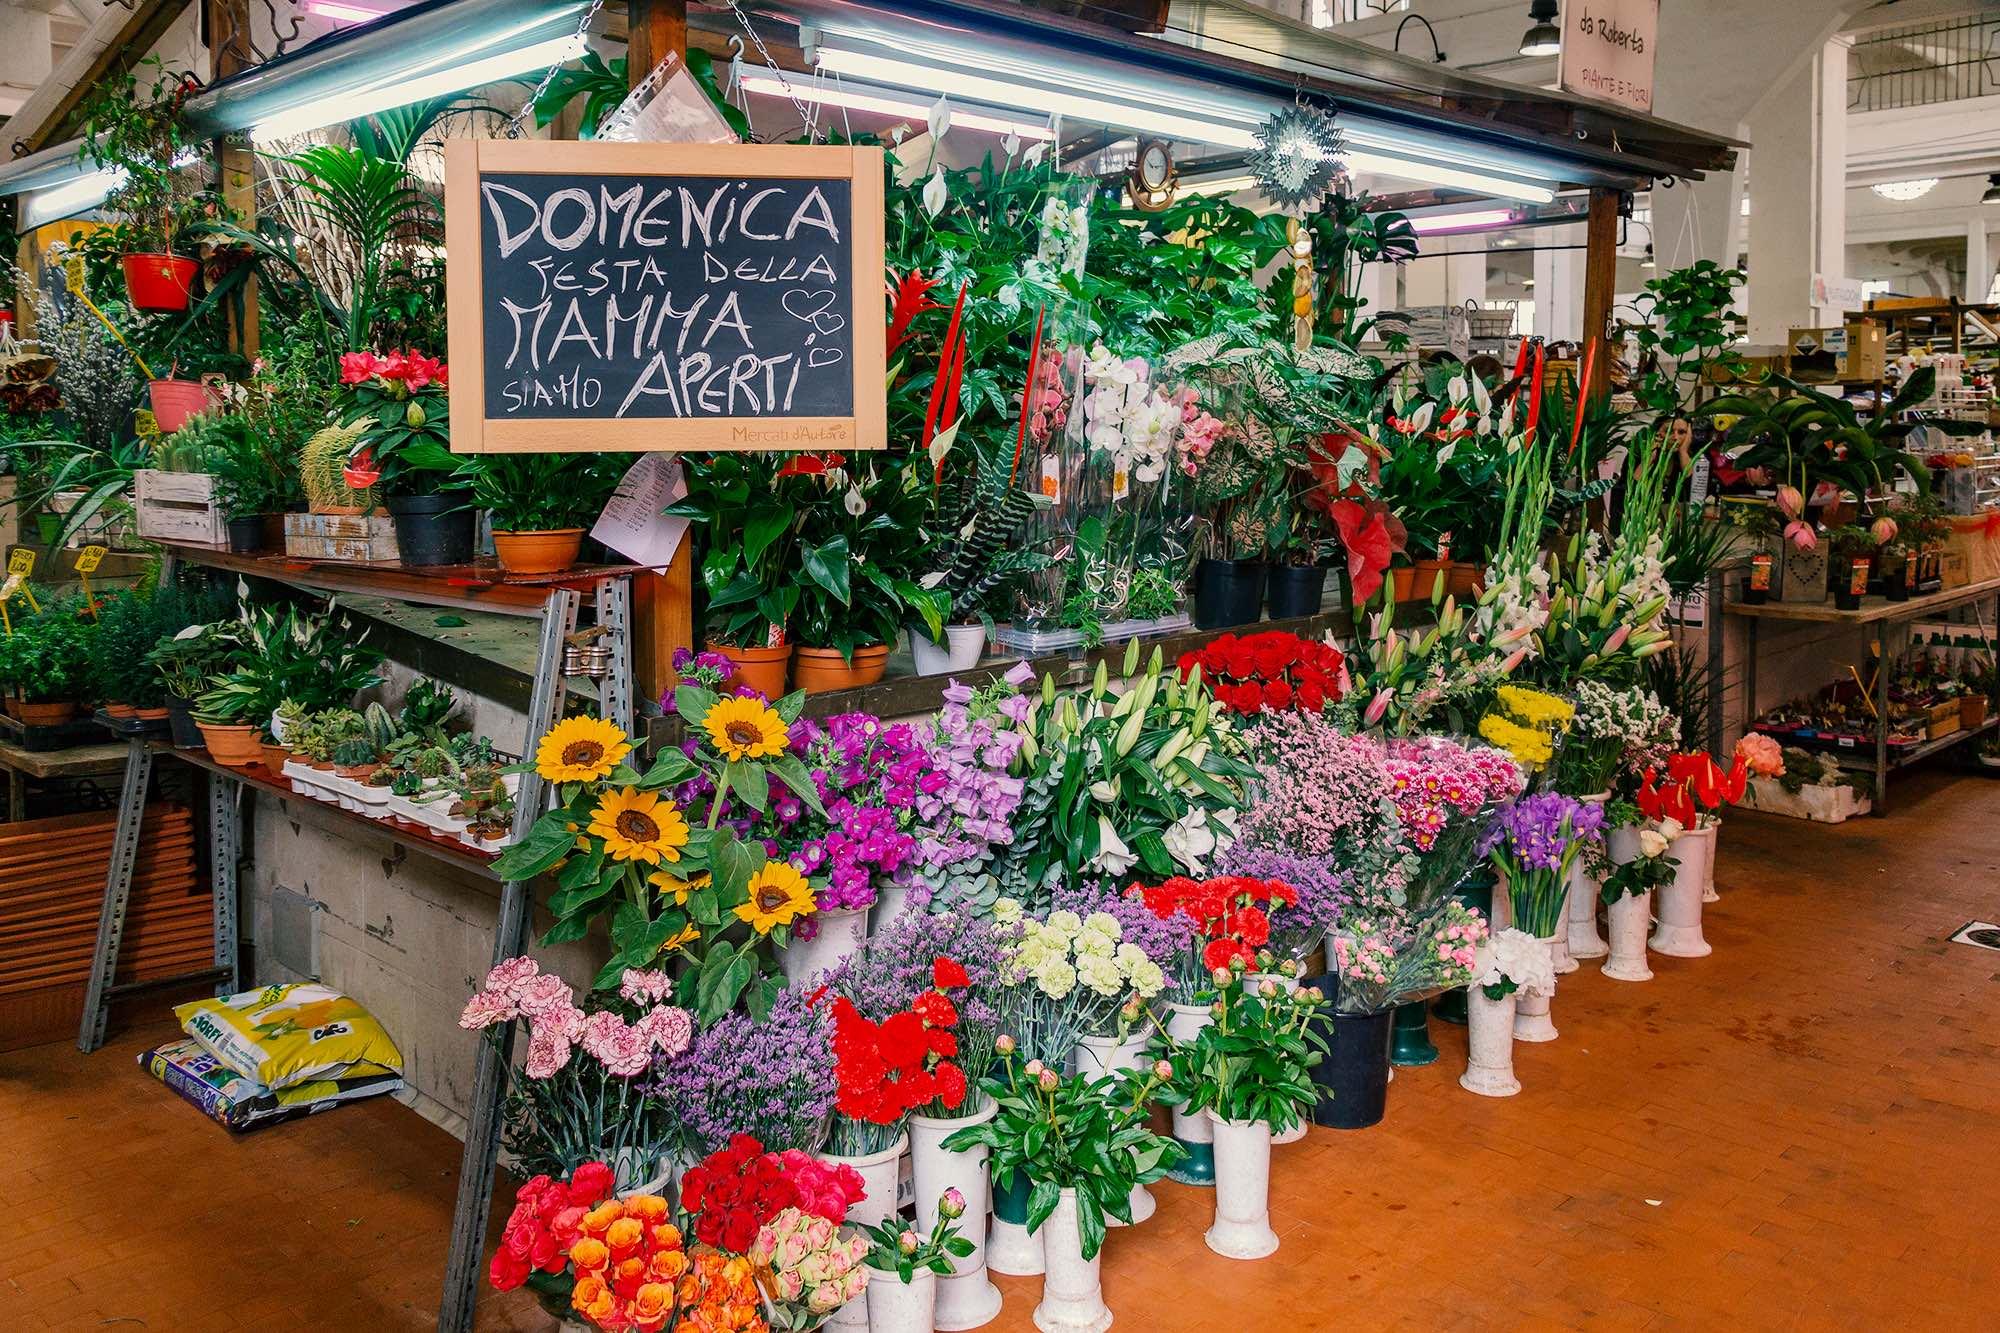 Immagini Piante E Fiori da roberta piante e fiori - mercati d'autore